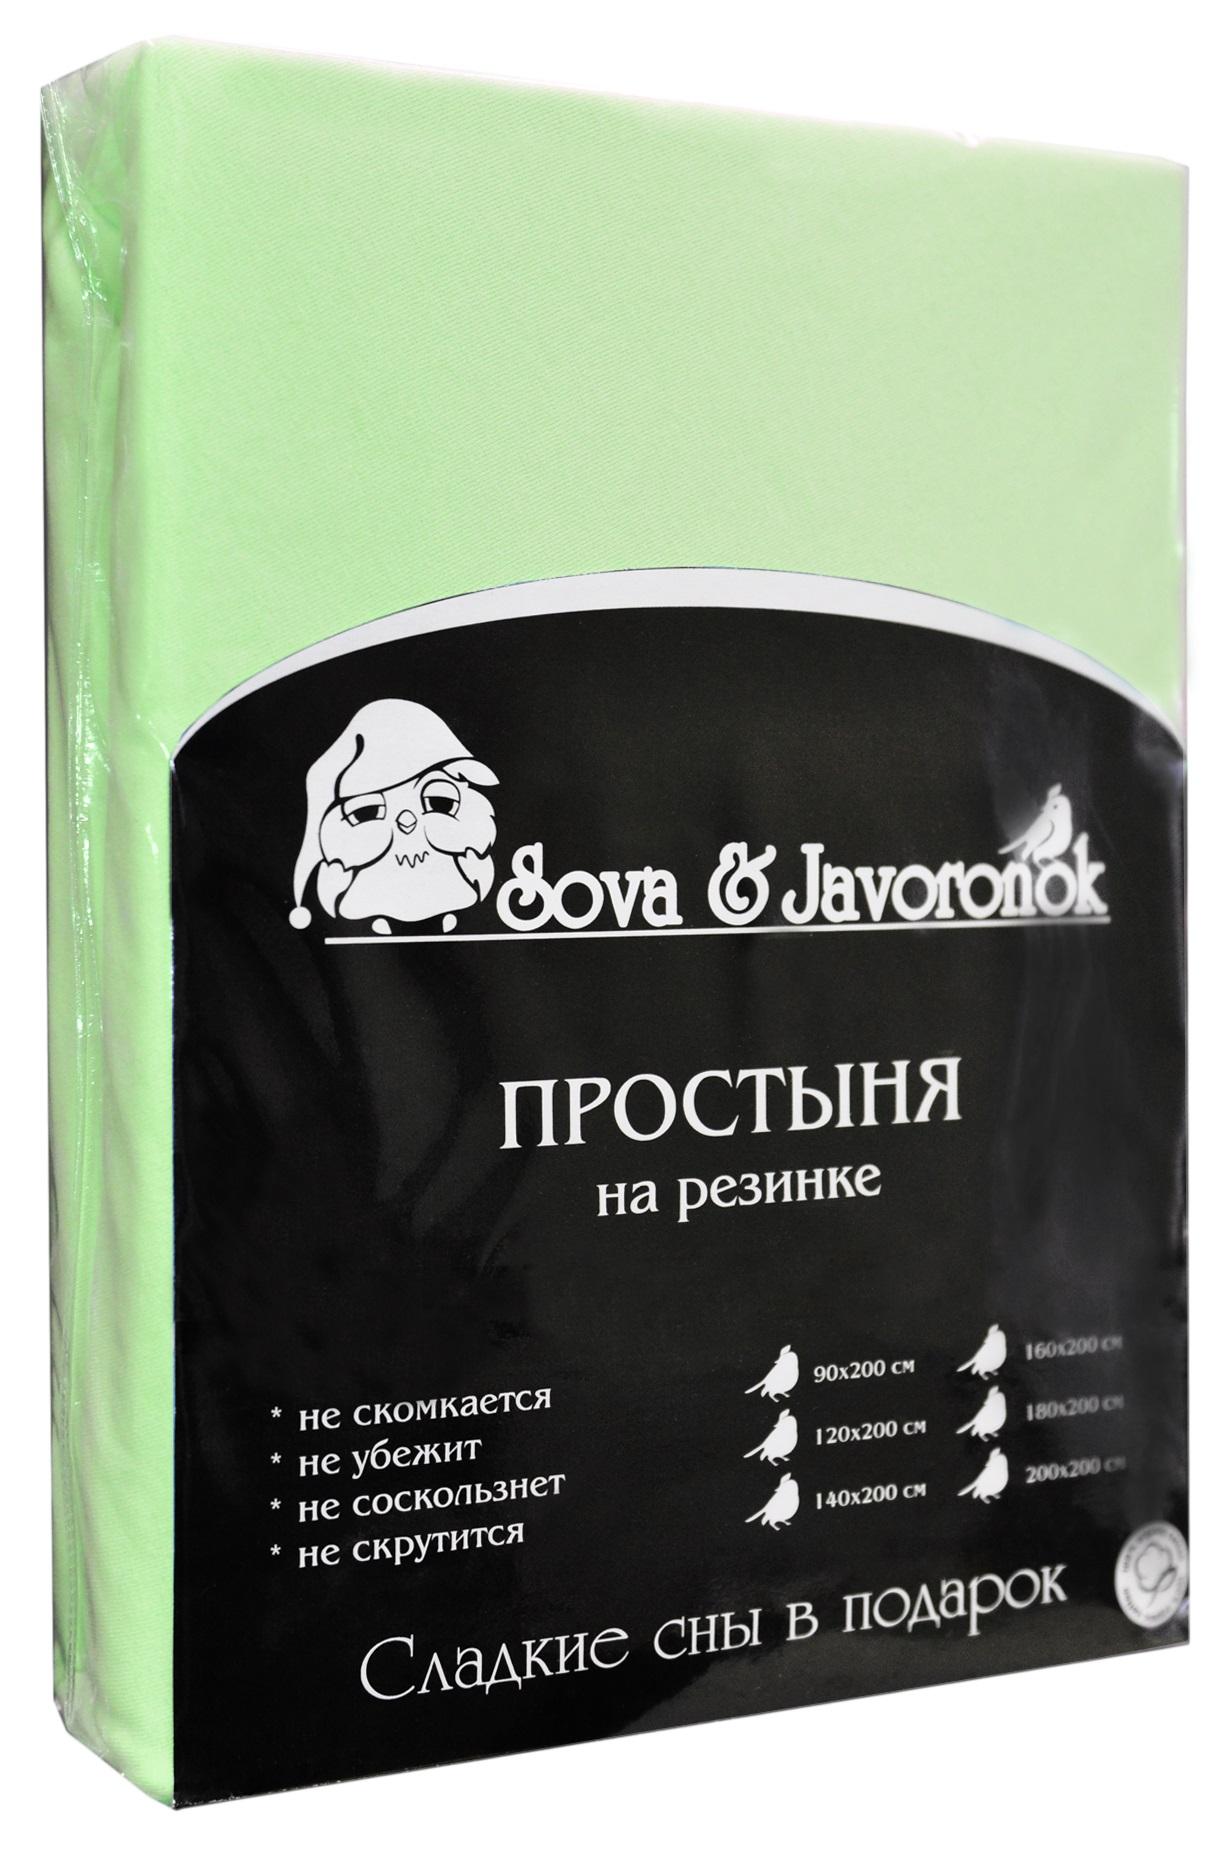 Простыня на резинке Sova & Javoronok, цвет: светло-зеленый, 180 см х 200 см10503Простыня на резинке Sova & Javoronok, изготовленная из трикотажной ткани (100% хлопок), будет превосходно смотреться с любыми комплектами белья. Хлопчатобумажный трикотаж по праву считается одним из самых качественных, прочных и при этом приятных на ощупь. Его гигиеничность позволяет использовать простыню и в детских комнатах, к тому же 100%-ый хлопок в составе ткани не вызовет аллергии. У трикотажного полотна очень интересная структура, немного рыхлая за счет отсутствия плотного переплетения нитей и наличия особых петель, благодаря этому простыня Сова и Жаворонок отлично пропускает воздух и способствует его постоянной циркуляции. Поэтому ваша постель будет всегда оставаться свежей. Но главное и, пожалуй, самое известное свойство трикотажа - это его великолепная растяжимость, поэтому эта ткань и была выбрана для натяжной простыни на резинке. Простыня прошита резинкой по всему периметру, что обеспечивает более комфортный отдых, так как она прочно удерживается на матрасе и избавляет от необходимости часто поправлять простыню.